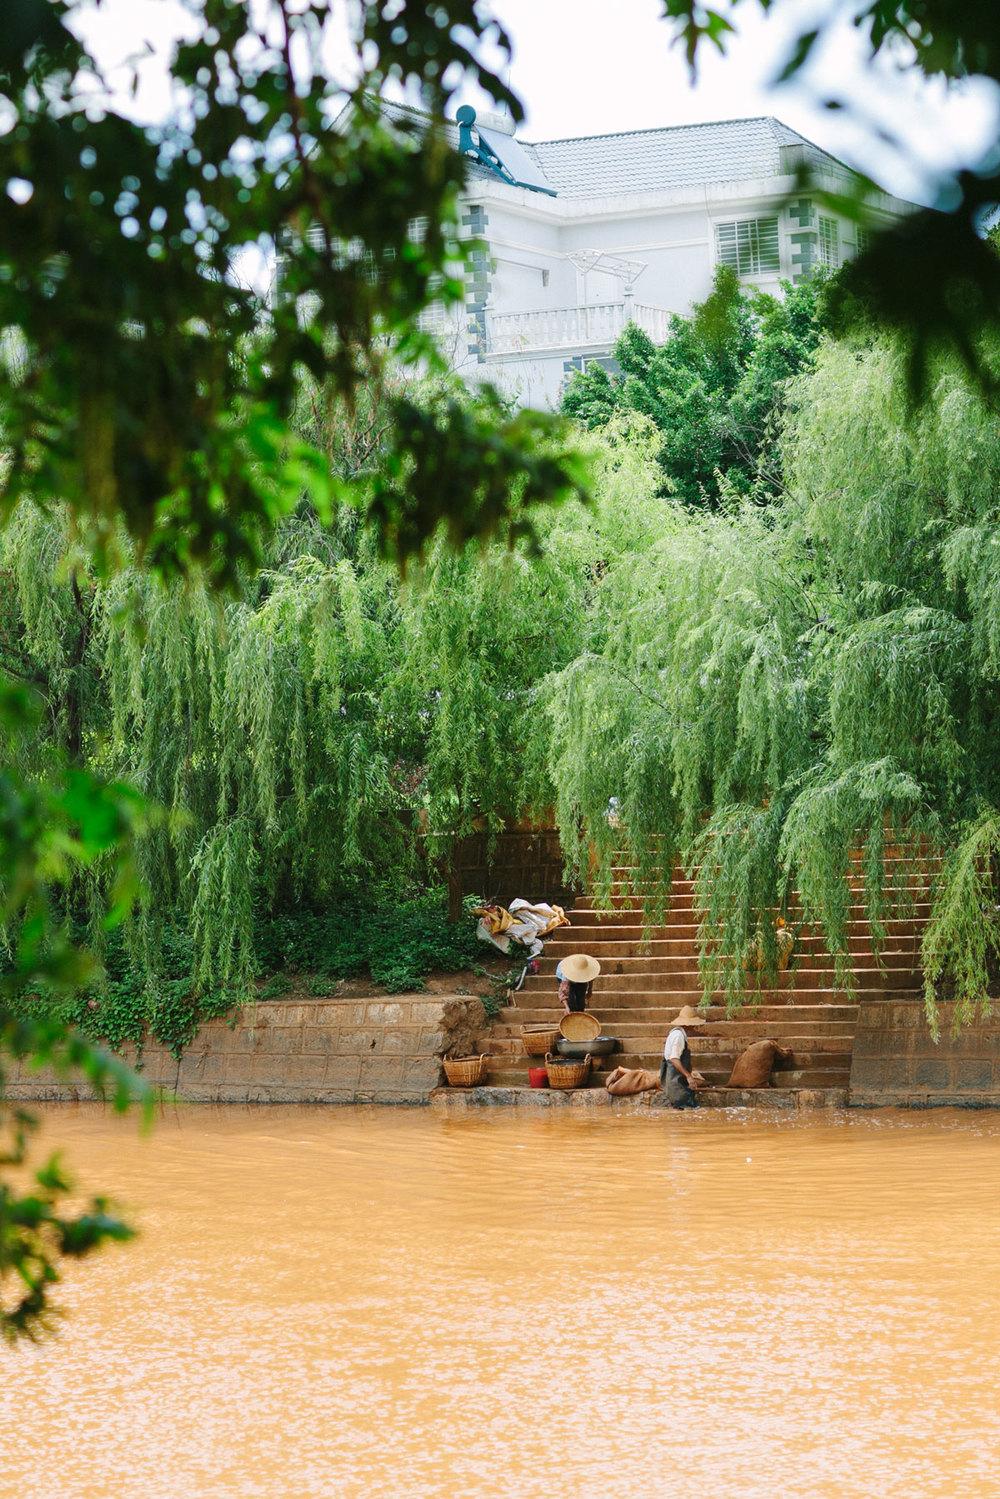 River_pt2-13.jpg